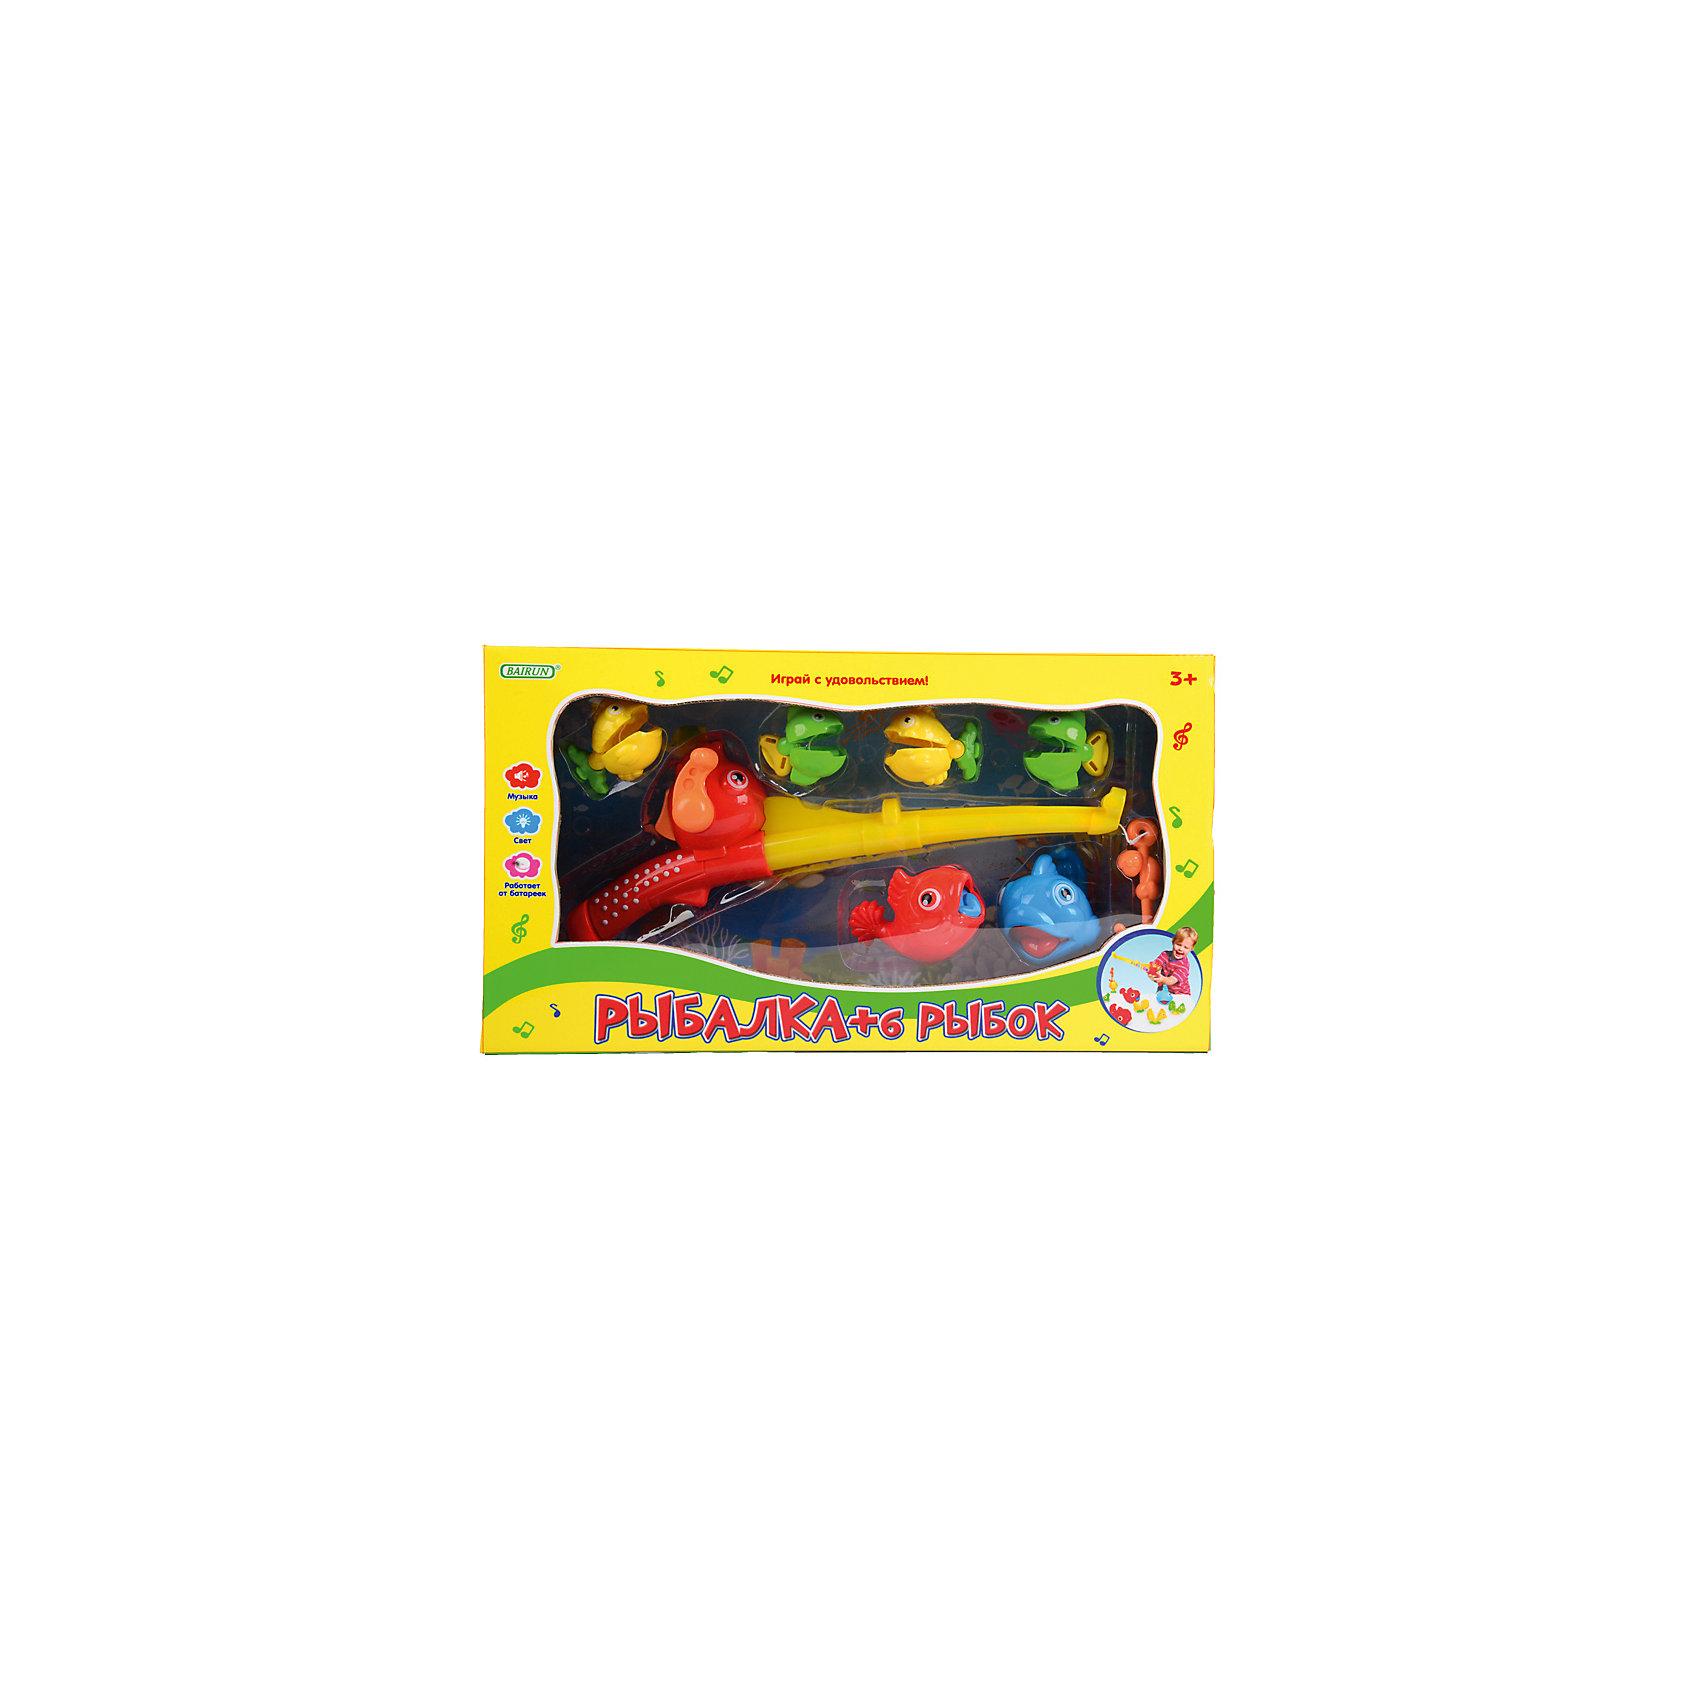 Детская игрушка Рыбалка + 6 рыбокРыбалка<br>Детская игрушка Рыбалка + 6 рыбок торговой марки  Bairun научит Вашего ребенка ловить маленьких рыбок на волшебную удочку. Как и в реальной удочке, в игрушечной,  есть специальная катушка для разматывания и сматывания веревочки-лески. Удочка своей пленяющей музыкой поможет поймать всех рыбок и сделает игру незабываемой и яркой. Можно устроить и ночную рыбалку и  ловить рыбок в темноте, ведь  удочка светится дивным светом. А как поймаешь рыбку, сразу загадывай желание, оно обязательно исполнится!<br><br>Дополнительная информация: <br><br>- предназначена для детей от 3-х лет.<br>- для работы необходимы батарейки AG13 3 шт. (входят в комплект).<br>- размеры упаковки: 45*50*36 см.<br><br>Детскую игрушку Рыбалка + 6 рыбок торговой марки  Bairun можно купить в нашем интернет-магазине.<br><br>Ширина мм: 450<br>Глубина мм: 50<br>Высота мм: 360<br>Вес г: 594<br>Возраст от месяцев: 36<br>Возраст до месяцев: 2147483647<br>Пол: Унисекс<br>Возраст: Детский<br>SKU: 4904799